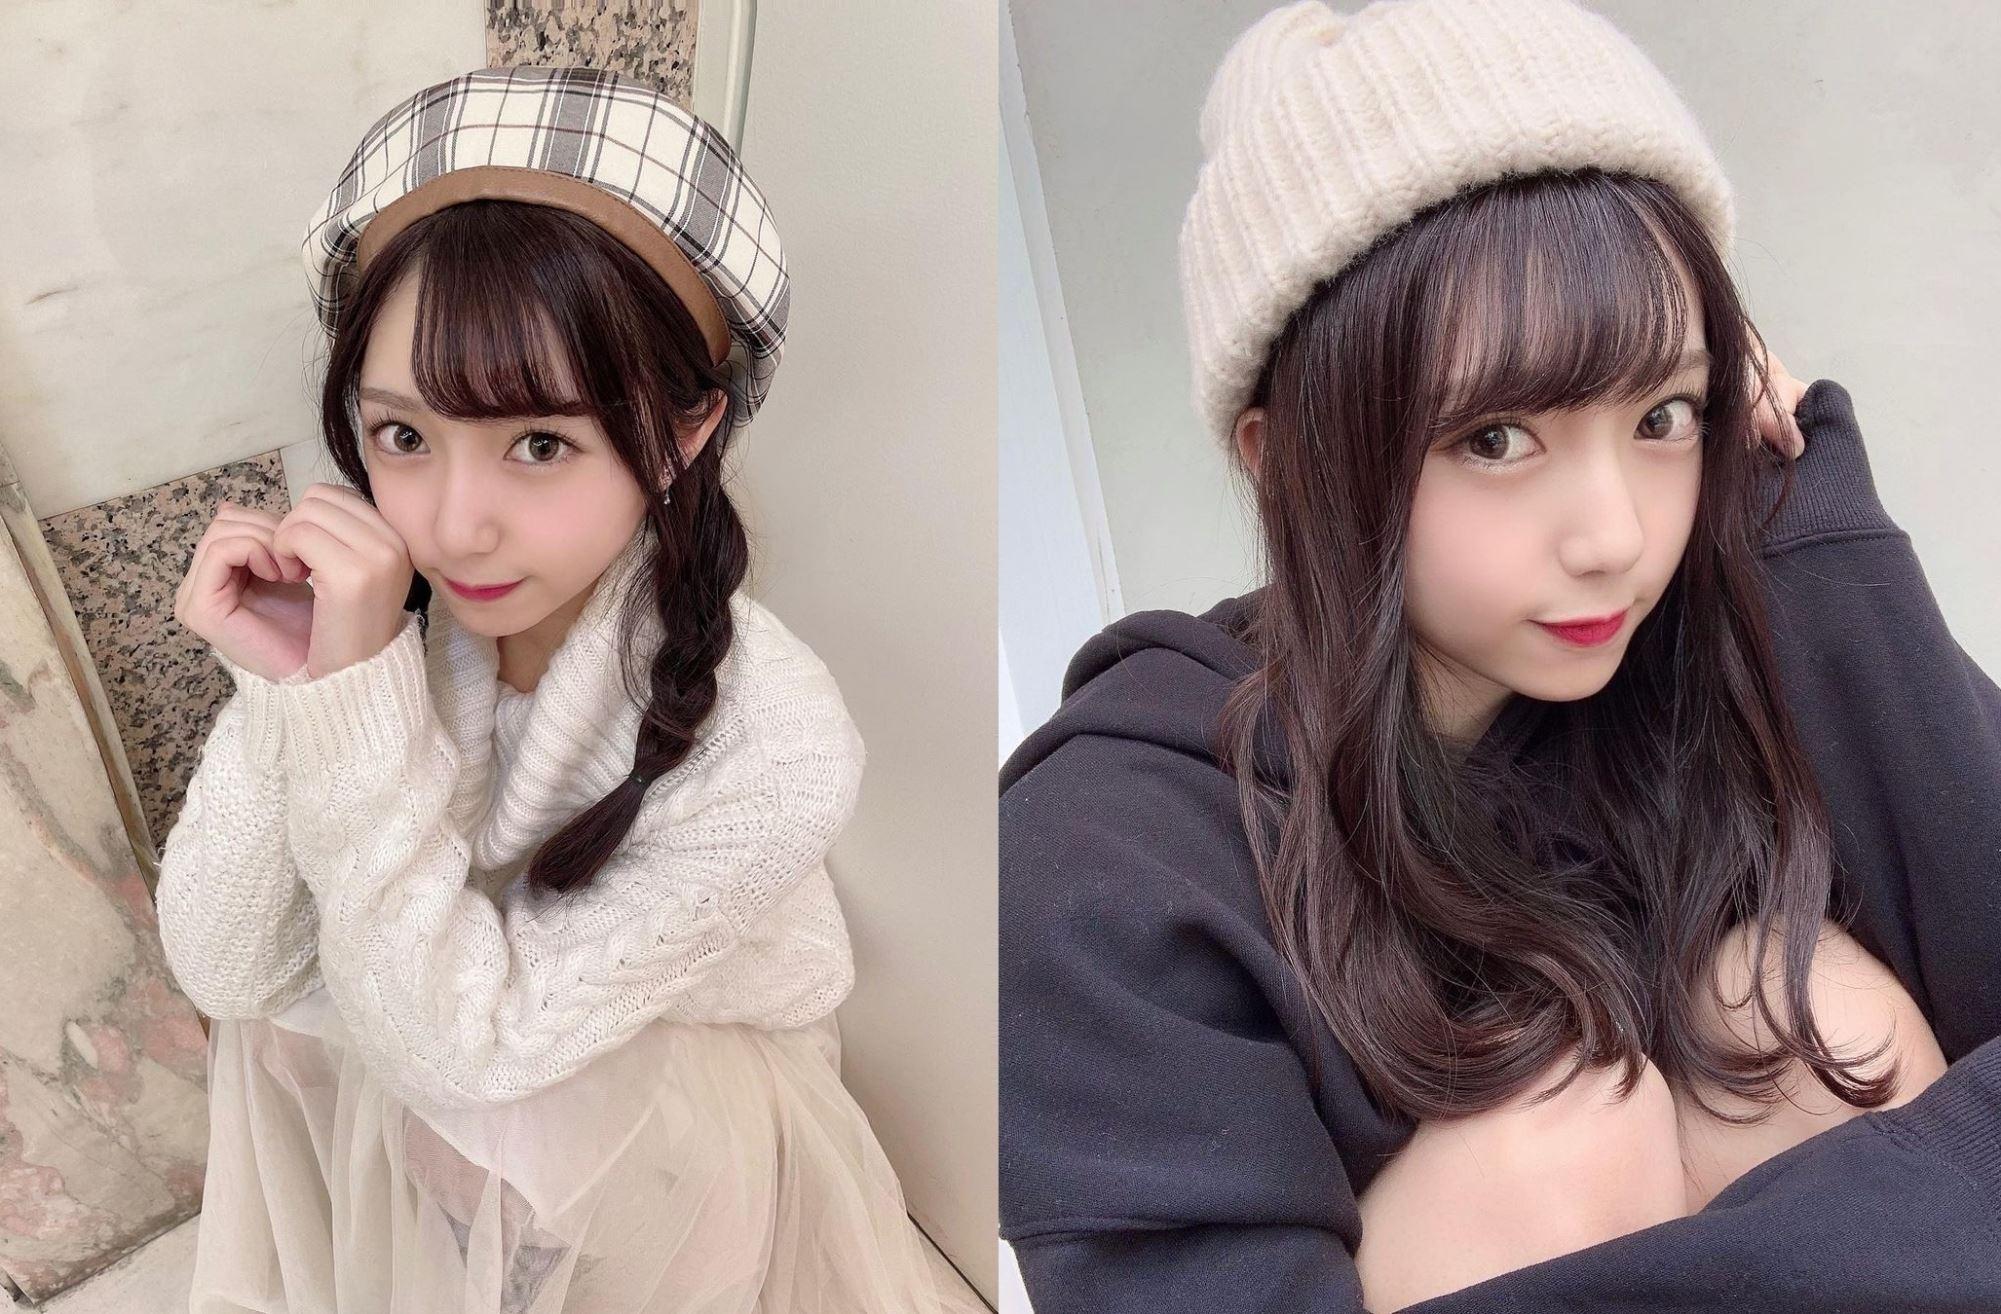 [人物]甜萌櫻花妹「萩田ここ」撒嬌表情甜到讓人蛀牙 整個女友感突破天際啊